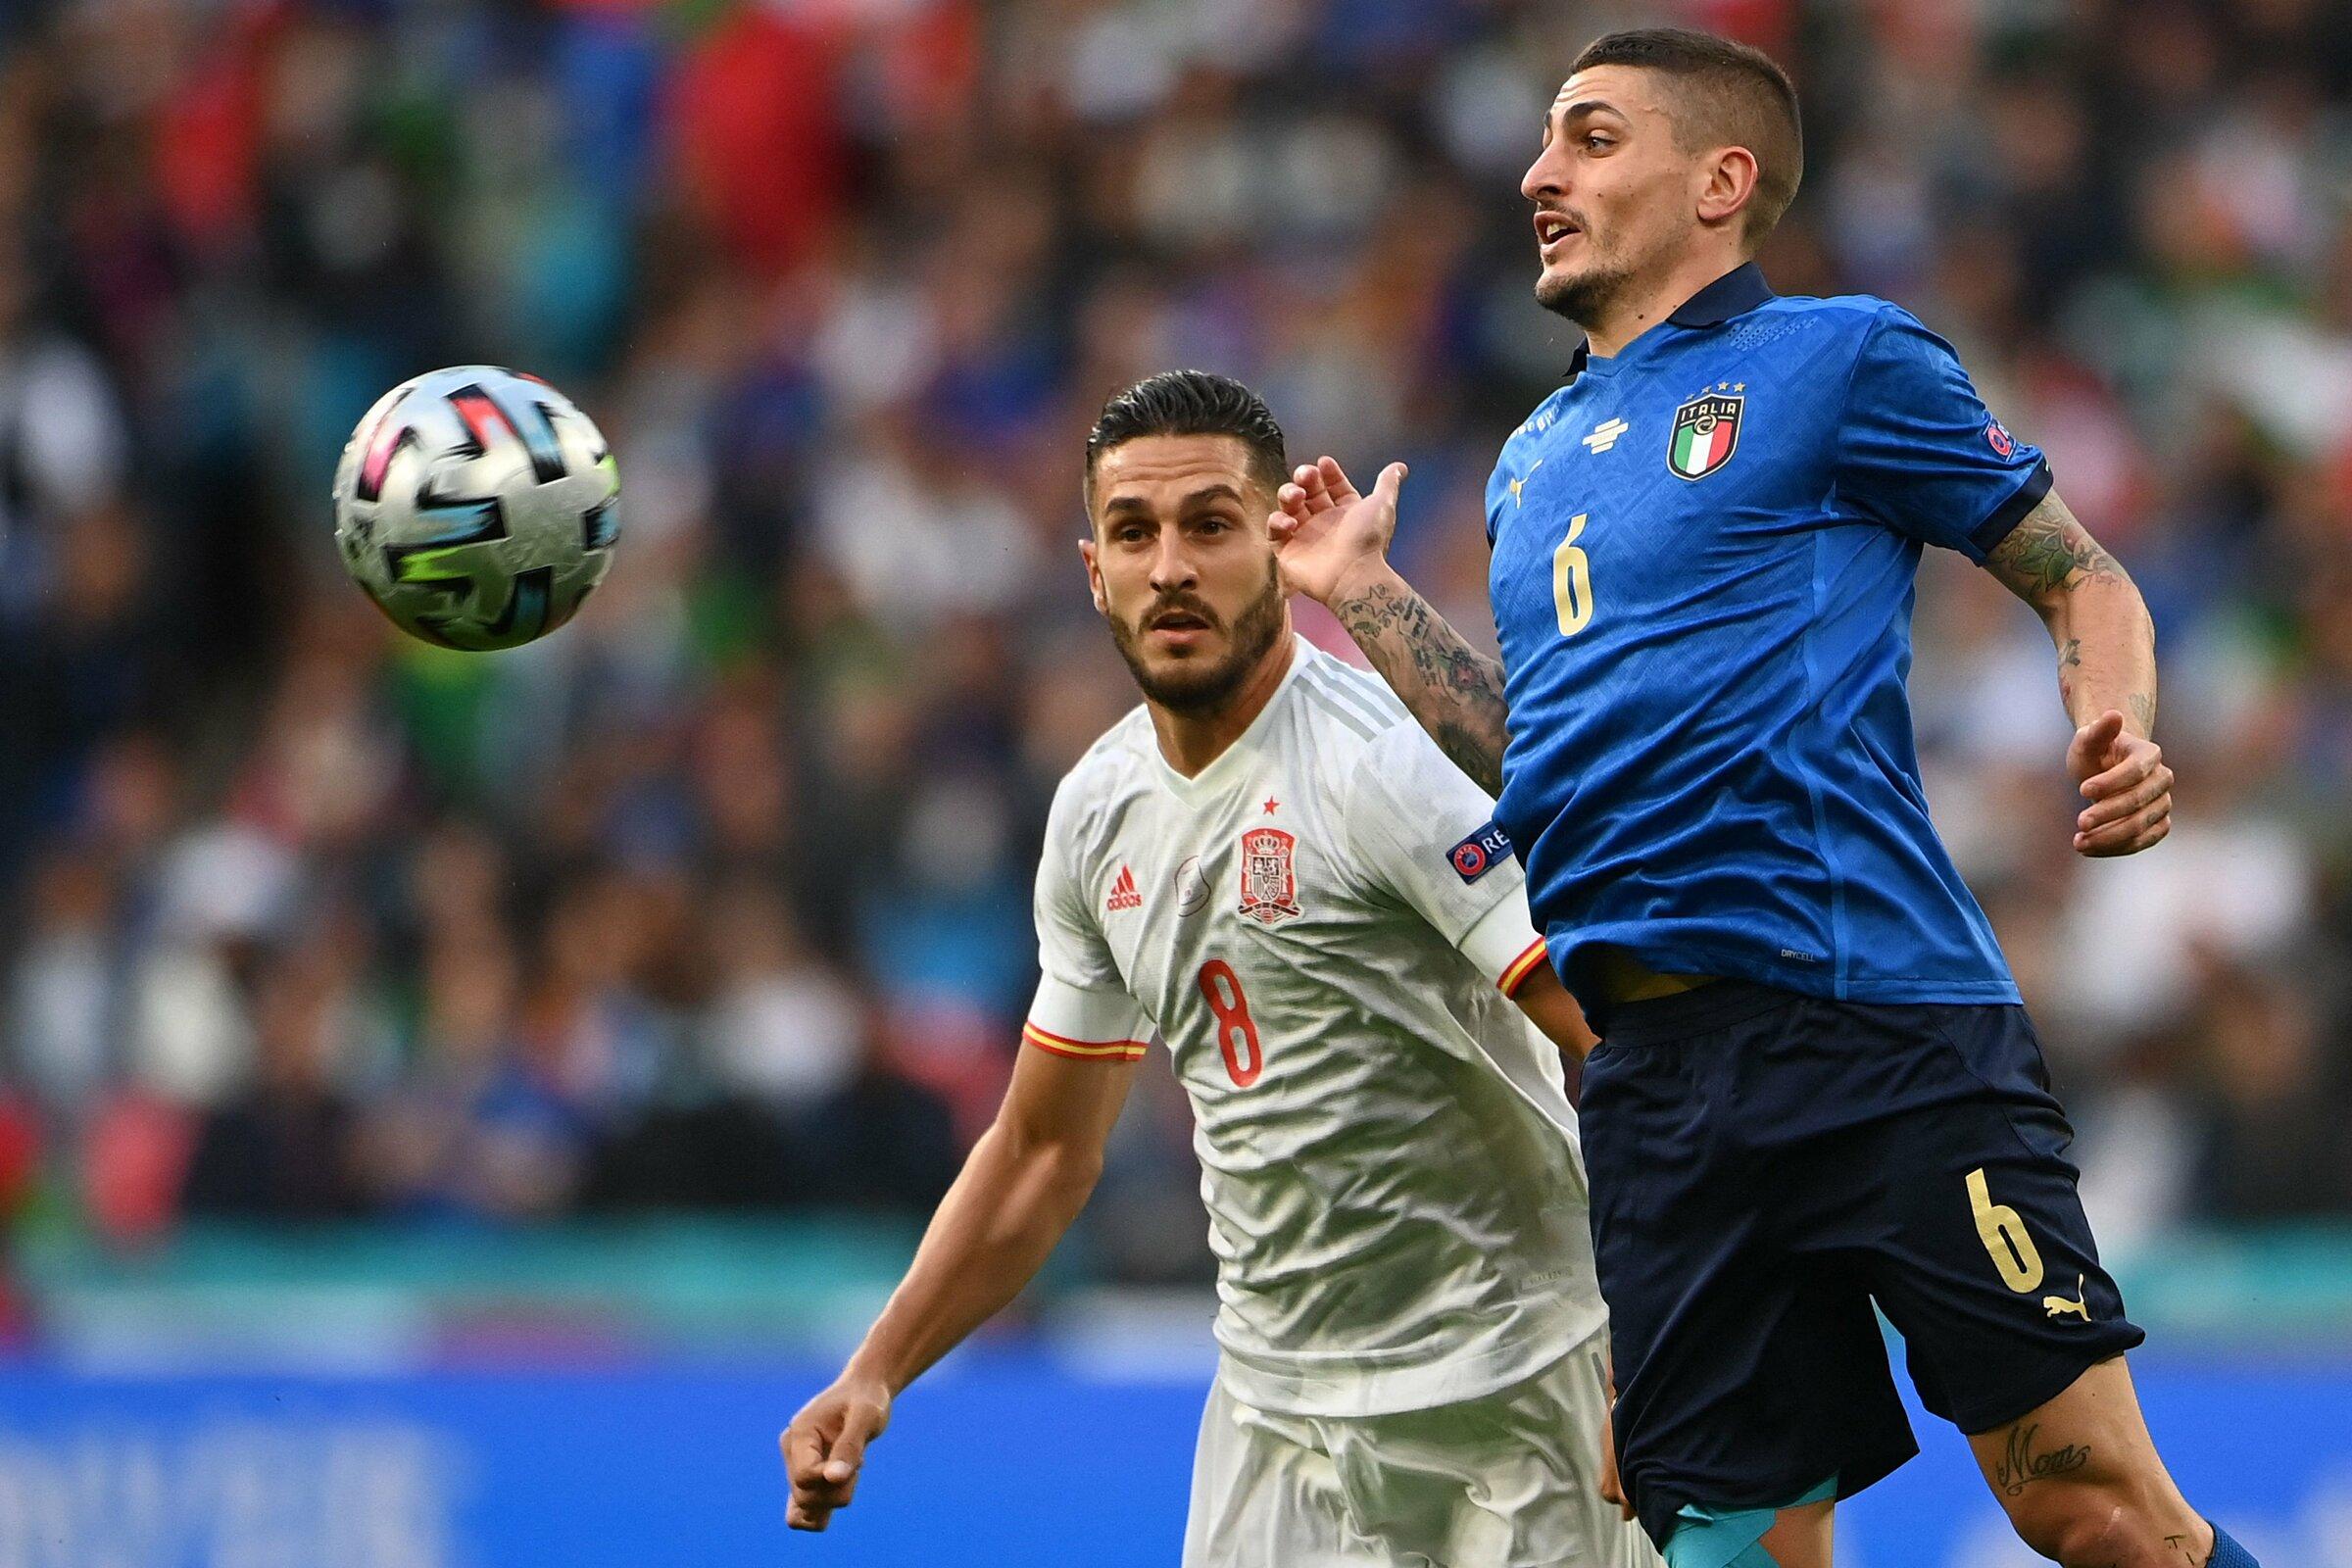 Verratti tranh chấp với Koke trong trận bán kết Italy - Tây Ban Nha hôm 7/7. Ảnh: FIGC